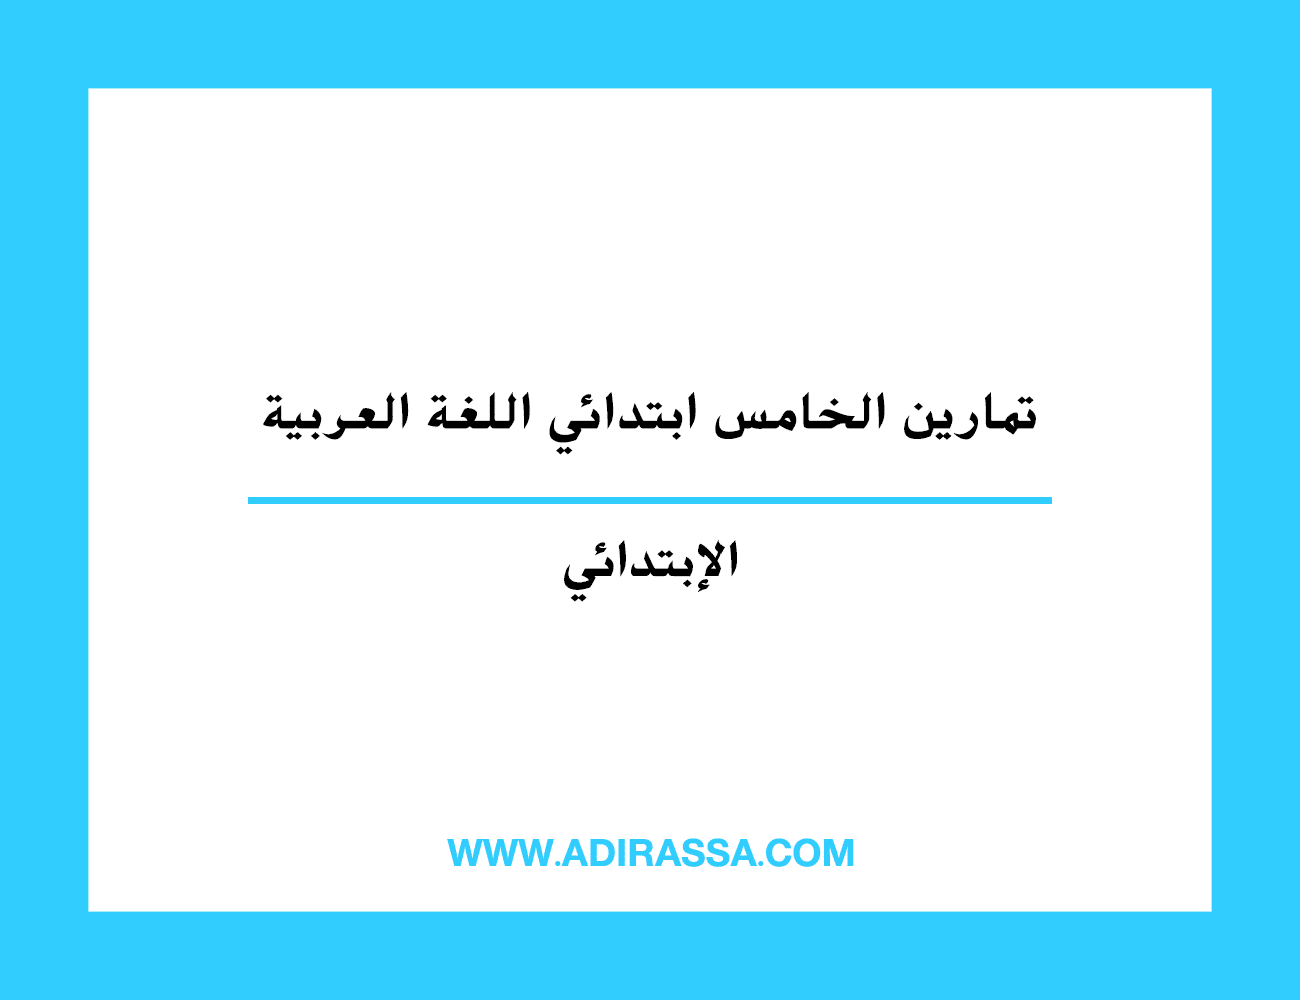 تمارين الخامس ابتدائي اللغة العربية